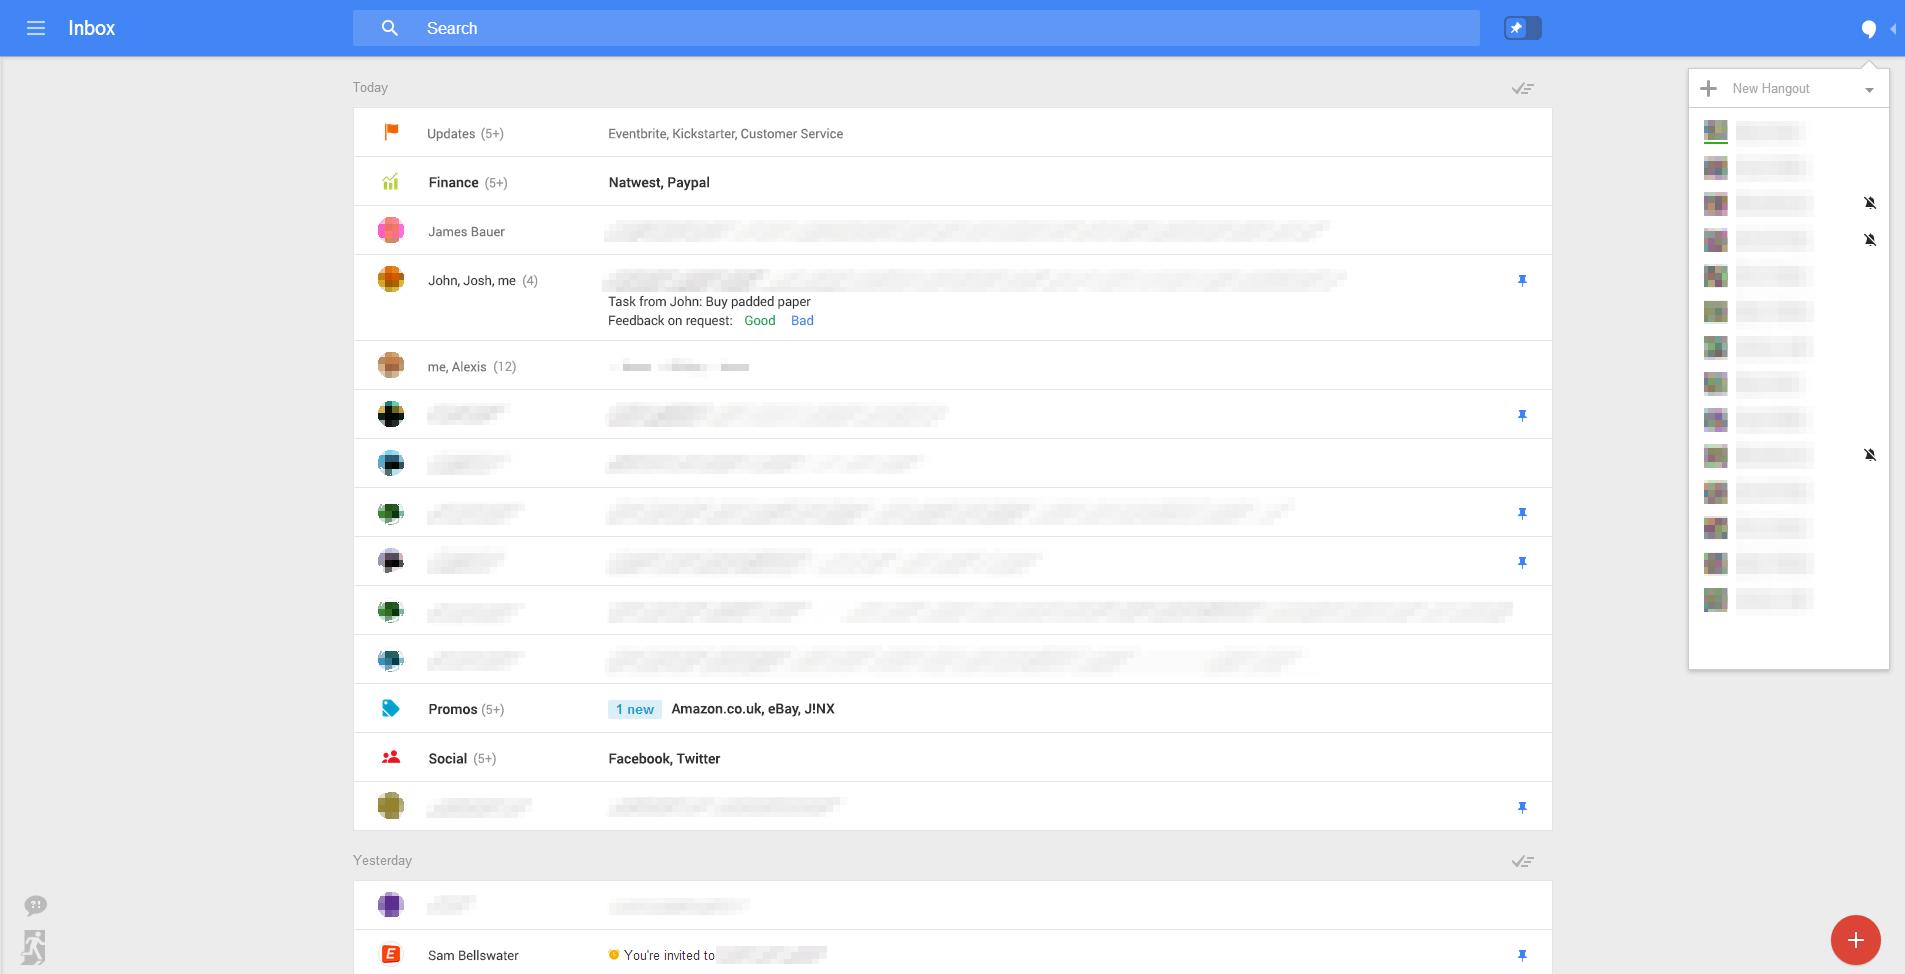 Gmail Web UI